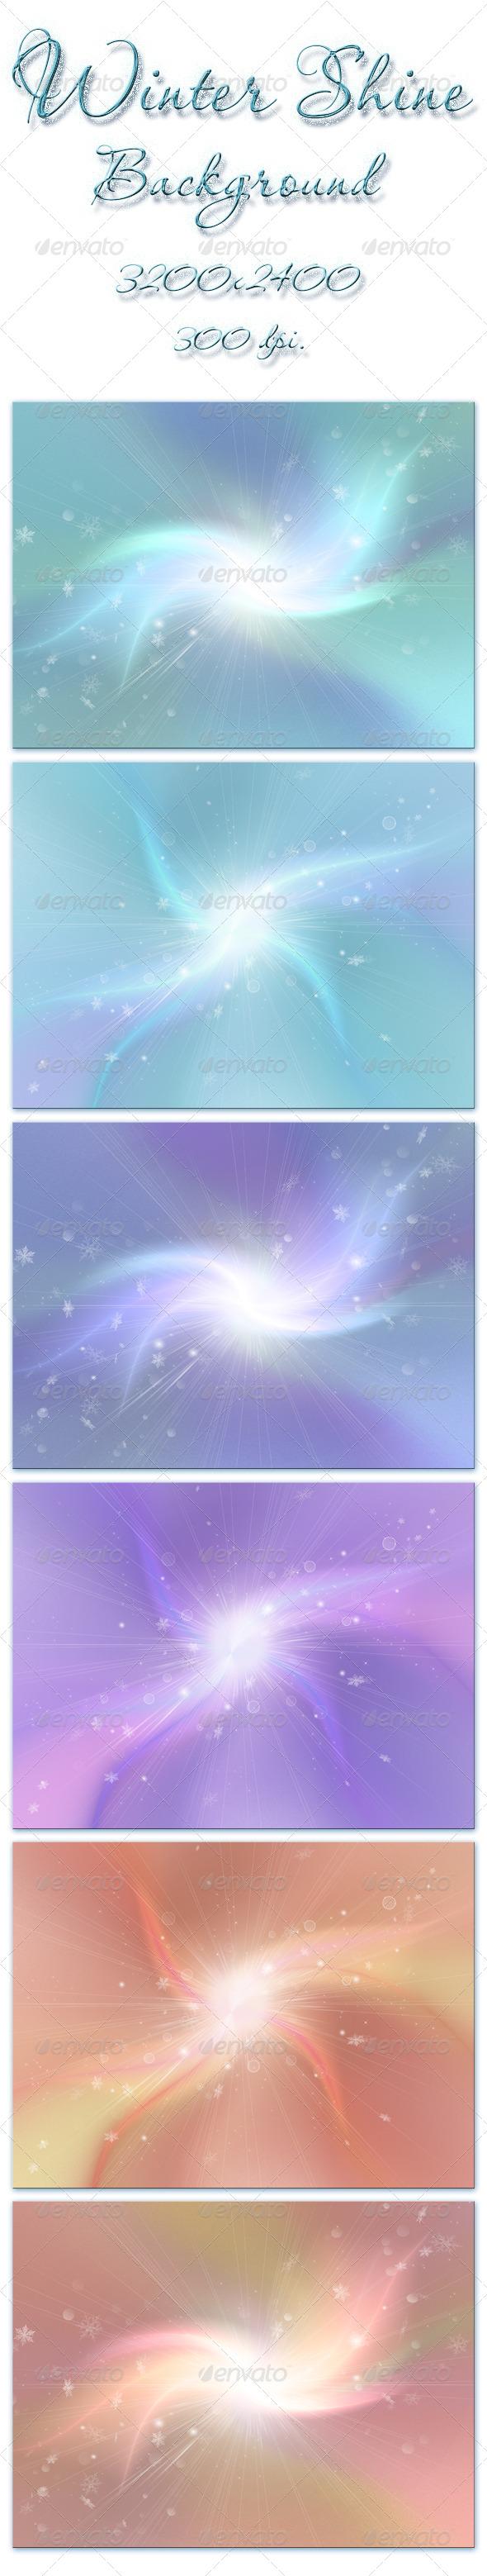 GraphicRiver Winter Shine 6006989